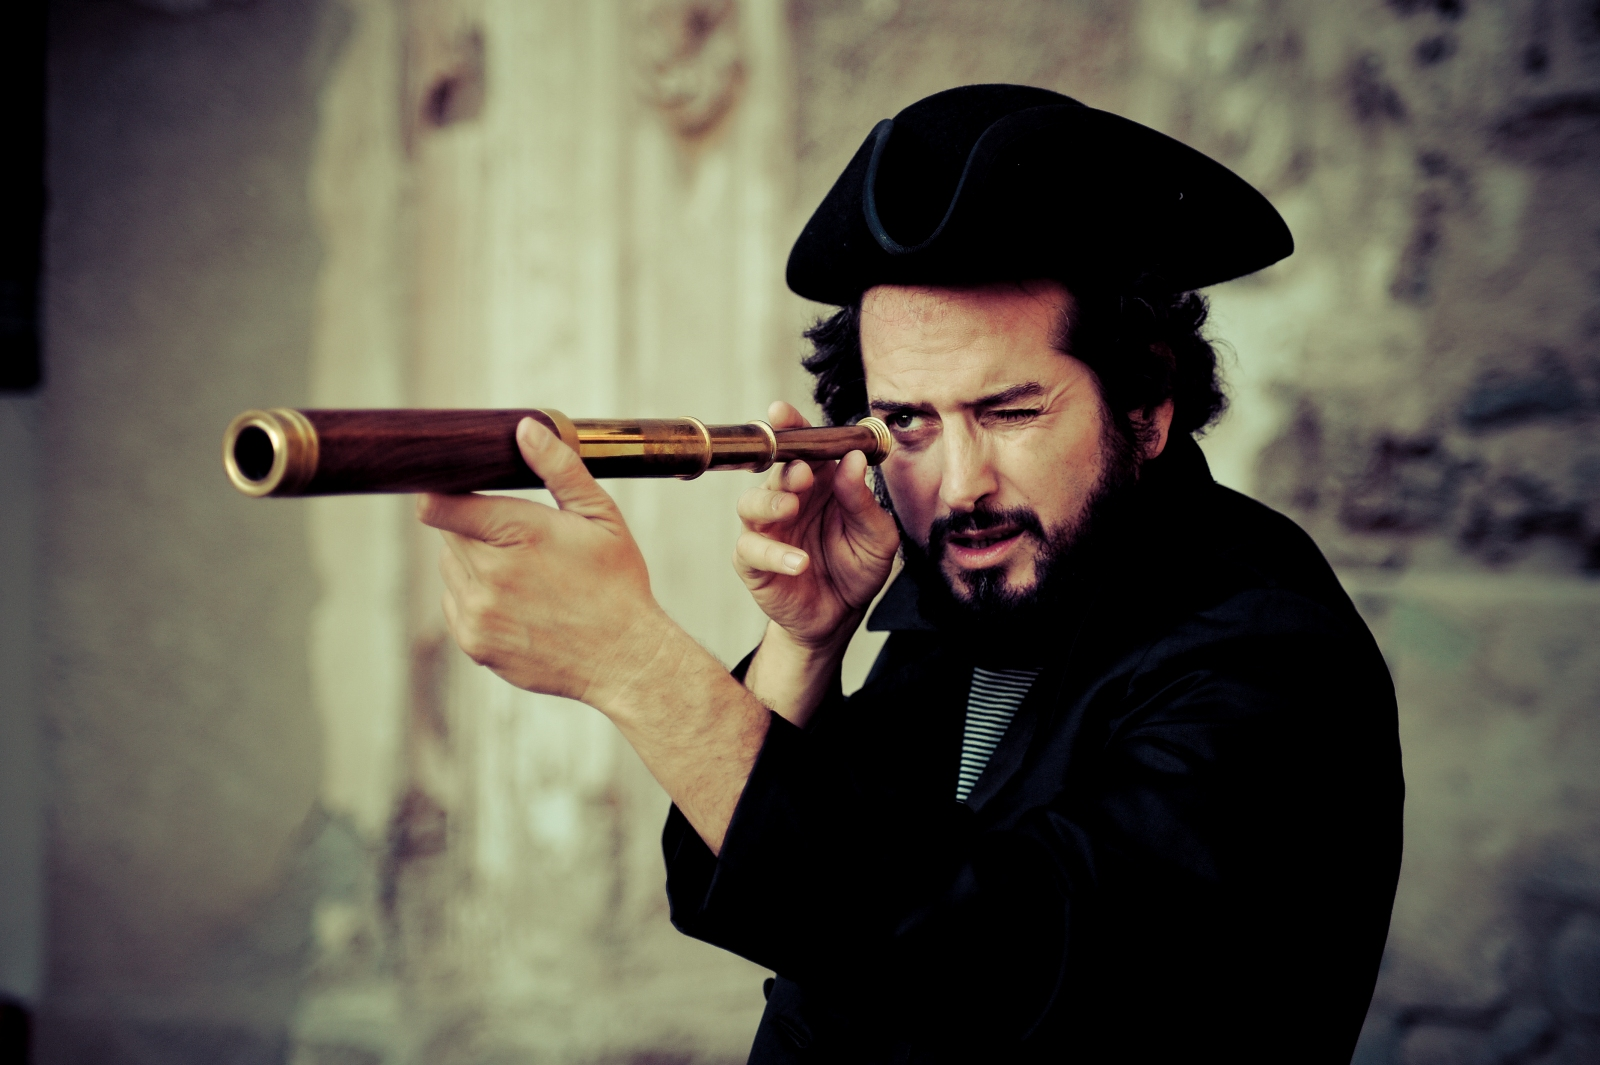 Vinicio Capossela, venerdì 13 giugno lo ascolteremo in concerto nel giardino della Reggia di Colorno